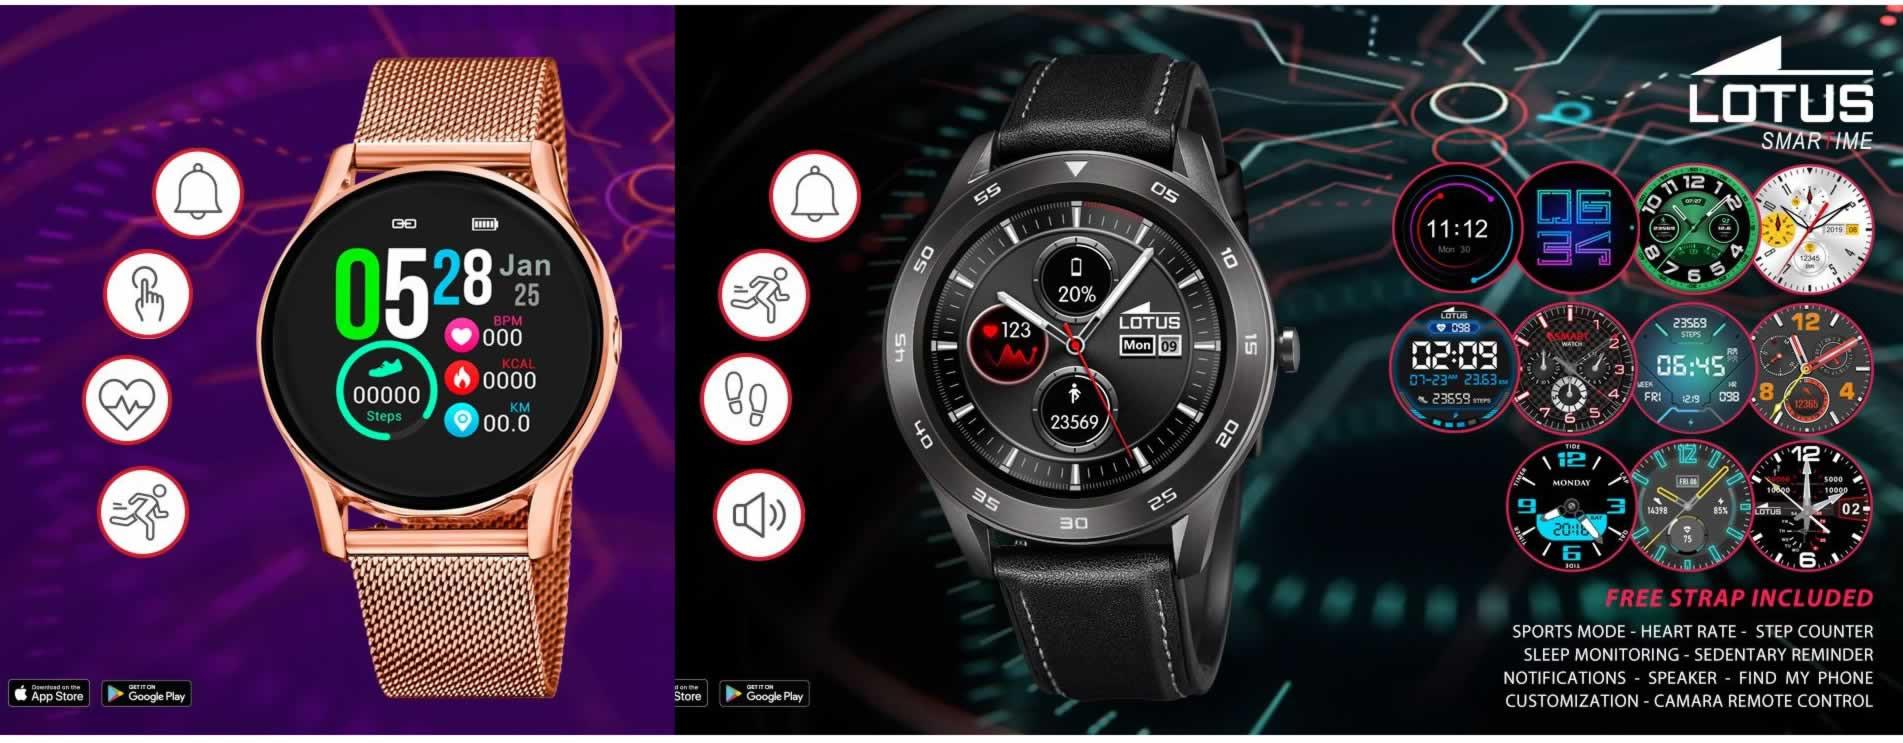 Relojes Smartime Lotus Smartwatch